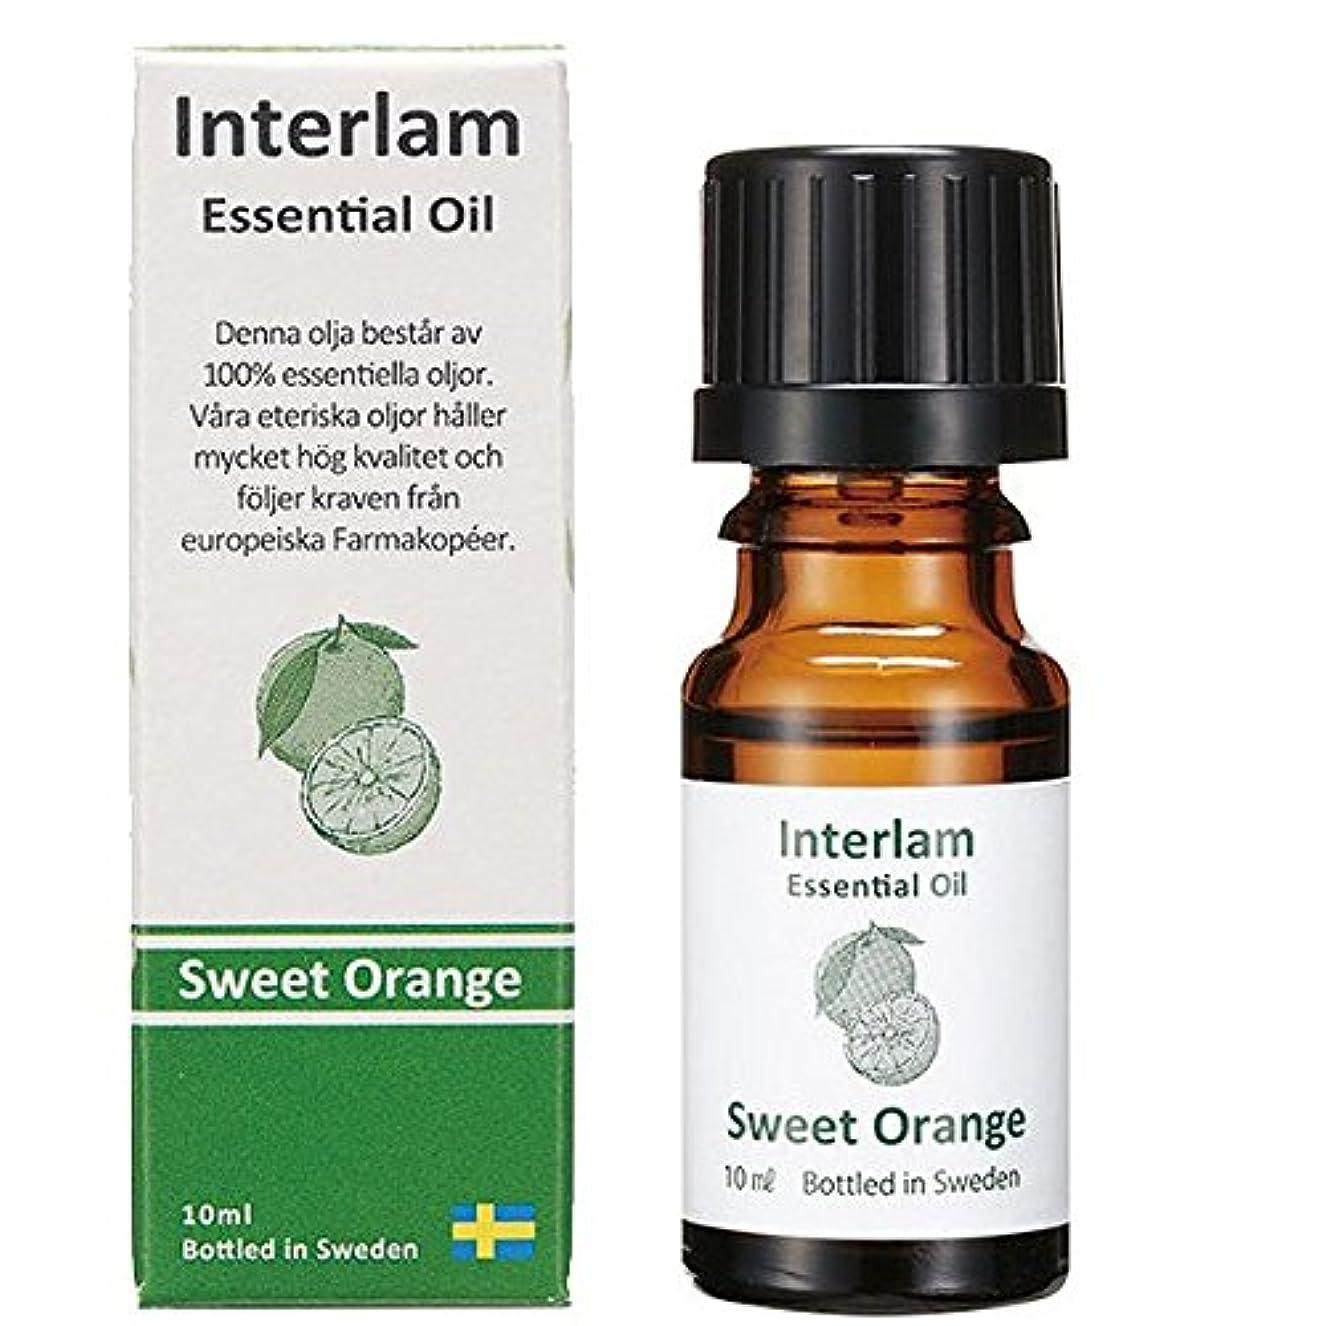 カスケード湿気の多い間欠Interlam エッセンシャルオイル オレンジスイート 10ml